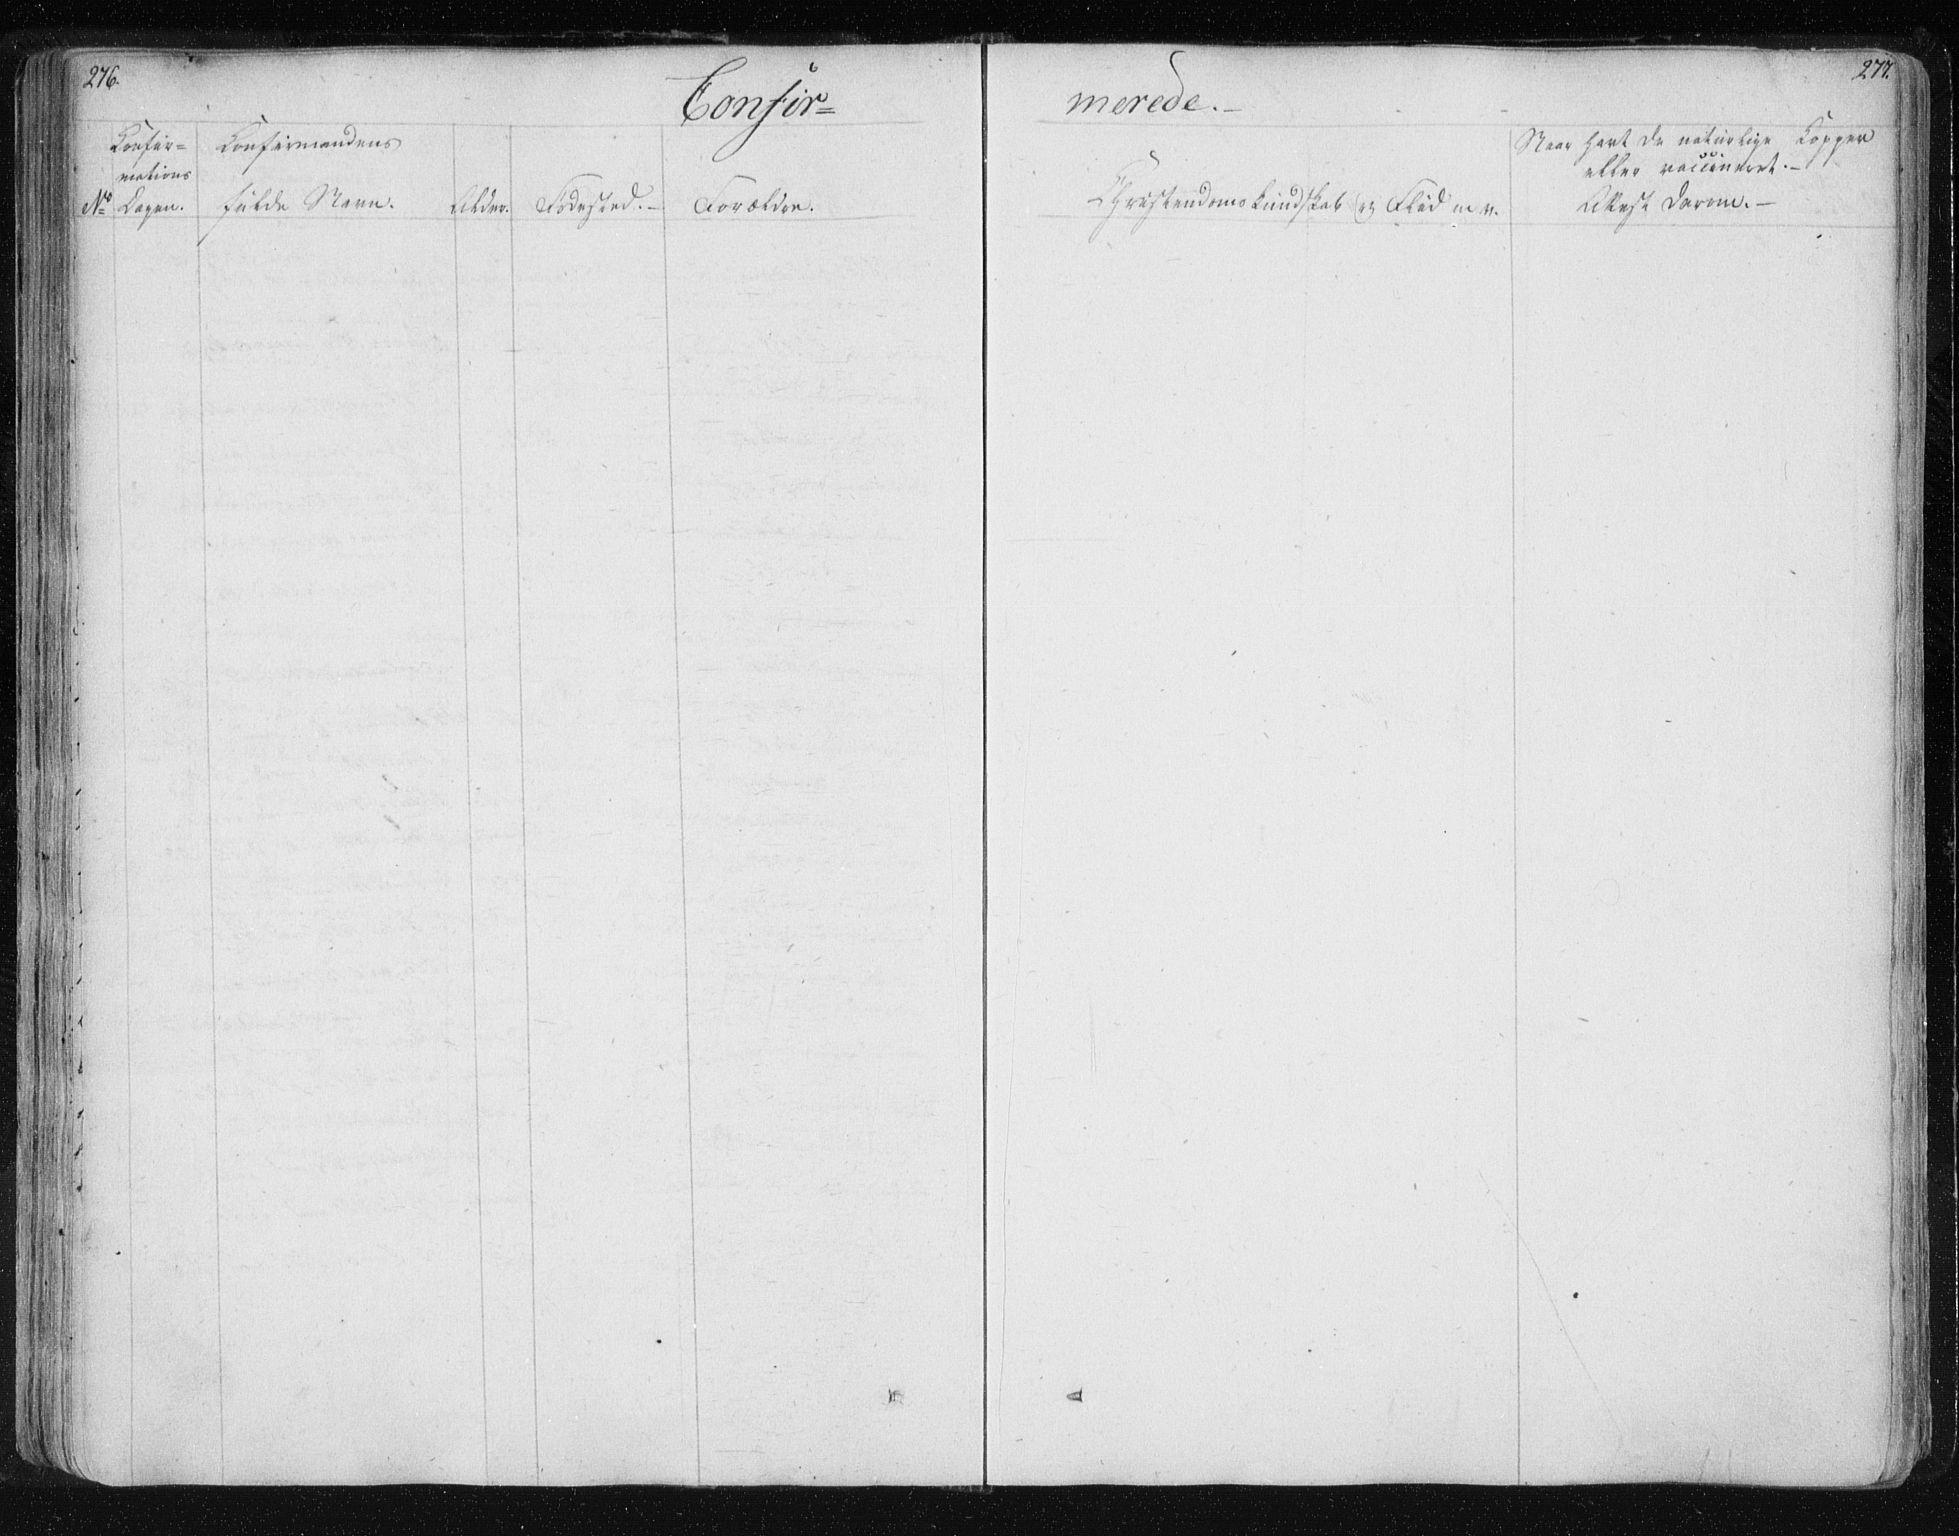 SAT, Ministerialprotokoller, klokkerbøker og fødselsregistre - Nord-Trøndelag, 730/L0276: Ministerialbok nr. 730A05, 1822-1830, s. 276-277